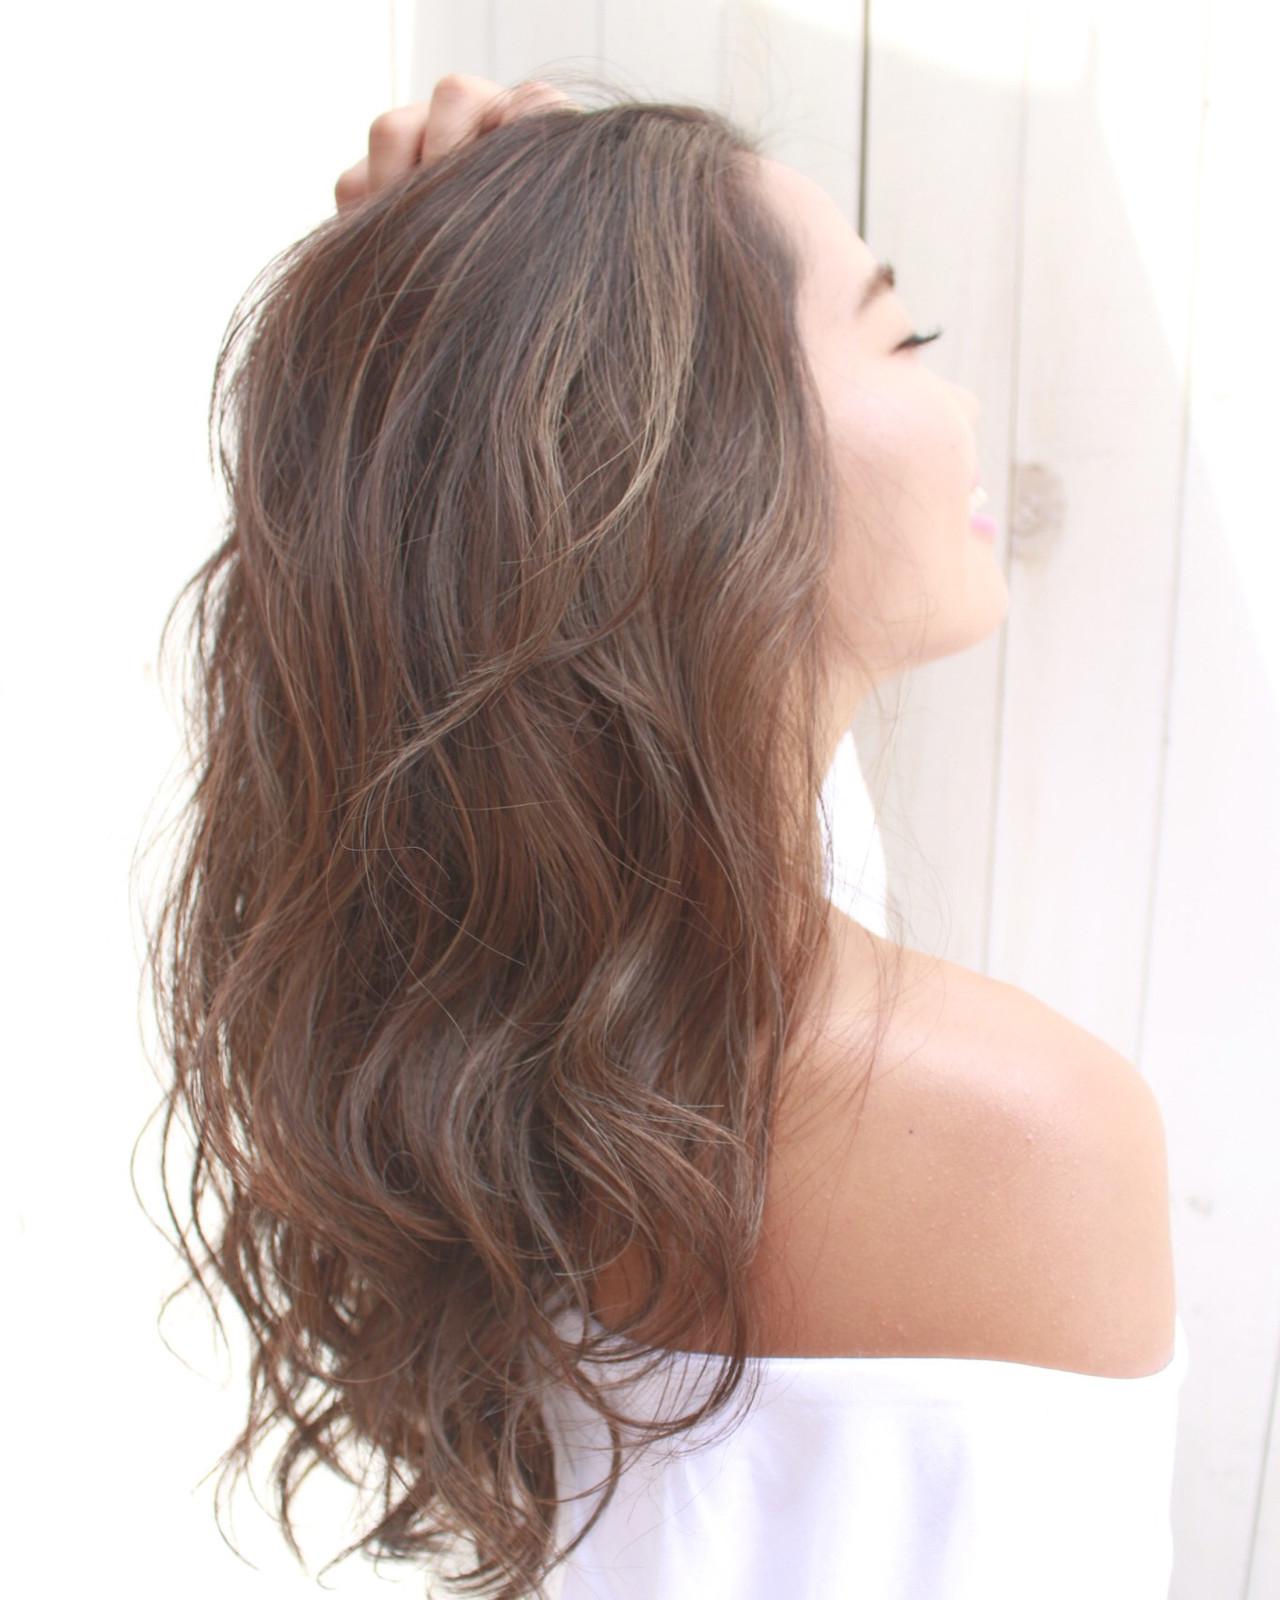 多毛 ストリート デート かわいい ヘアスタイルや髪型の写真・画像